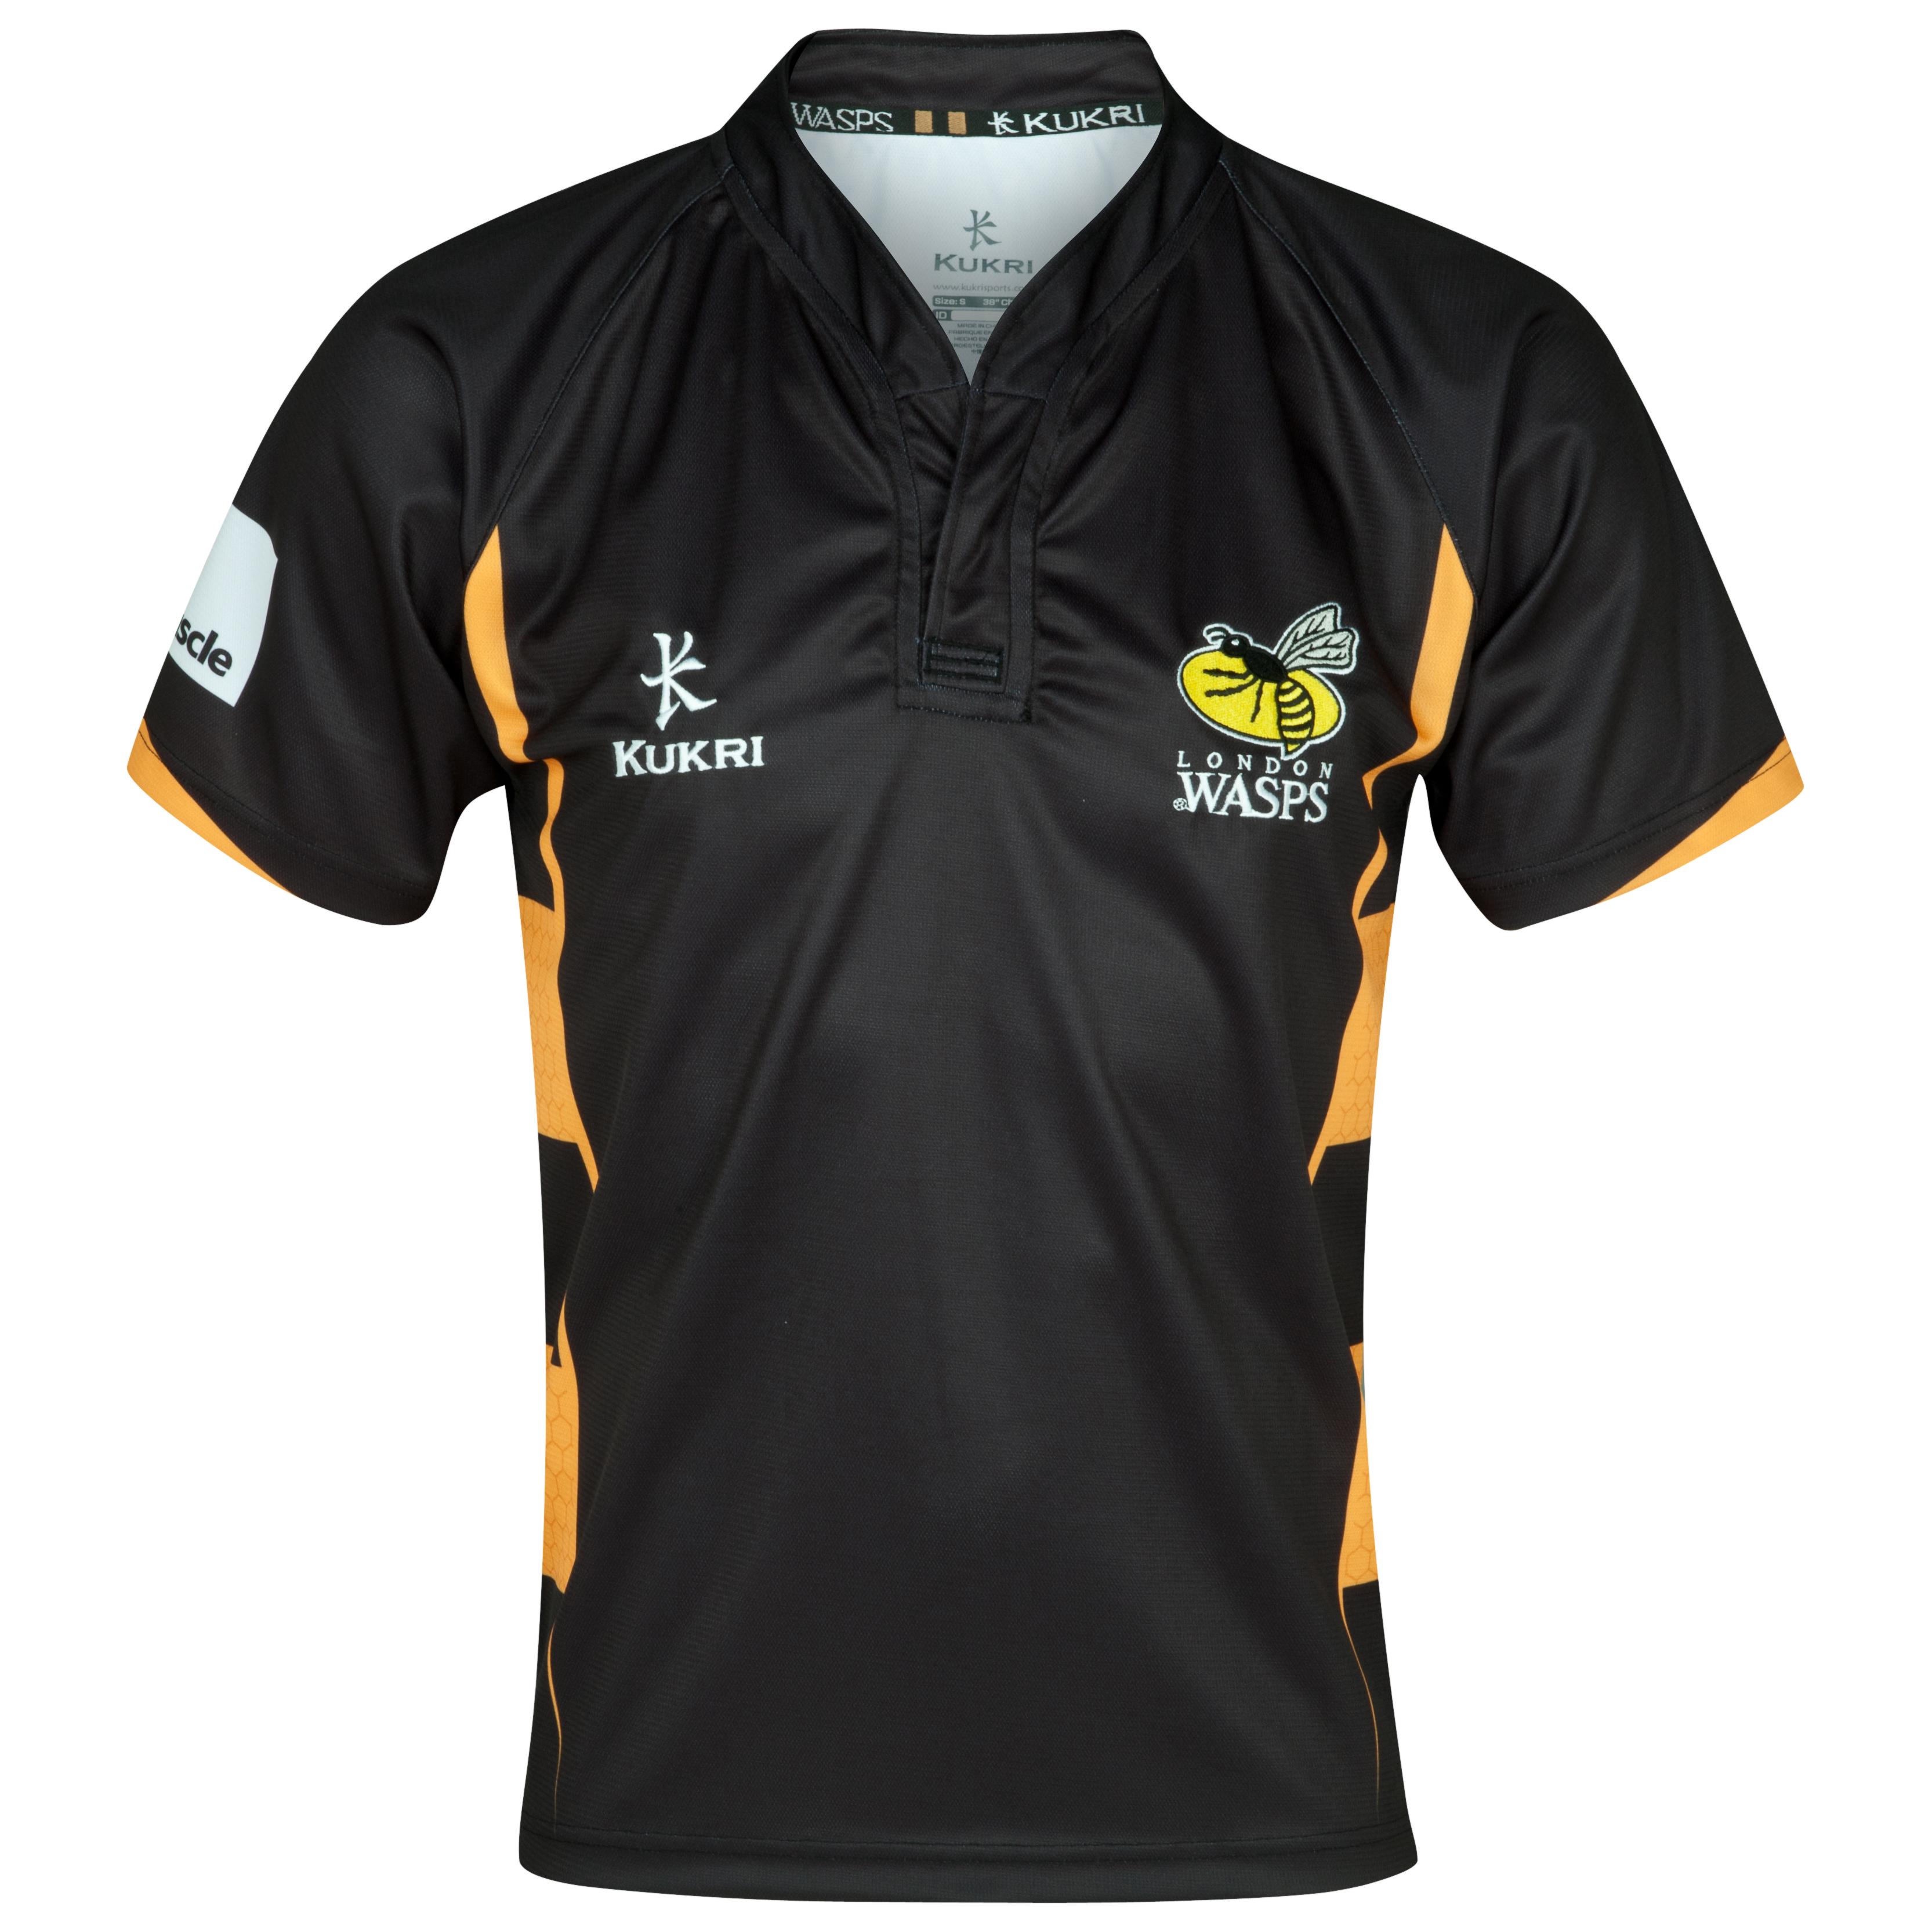 Wasps Home Shirt 2012/13